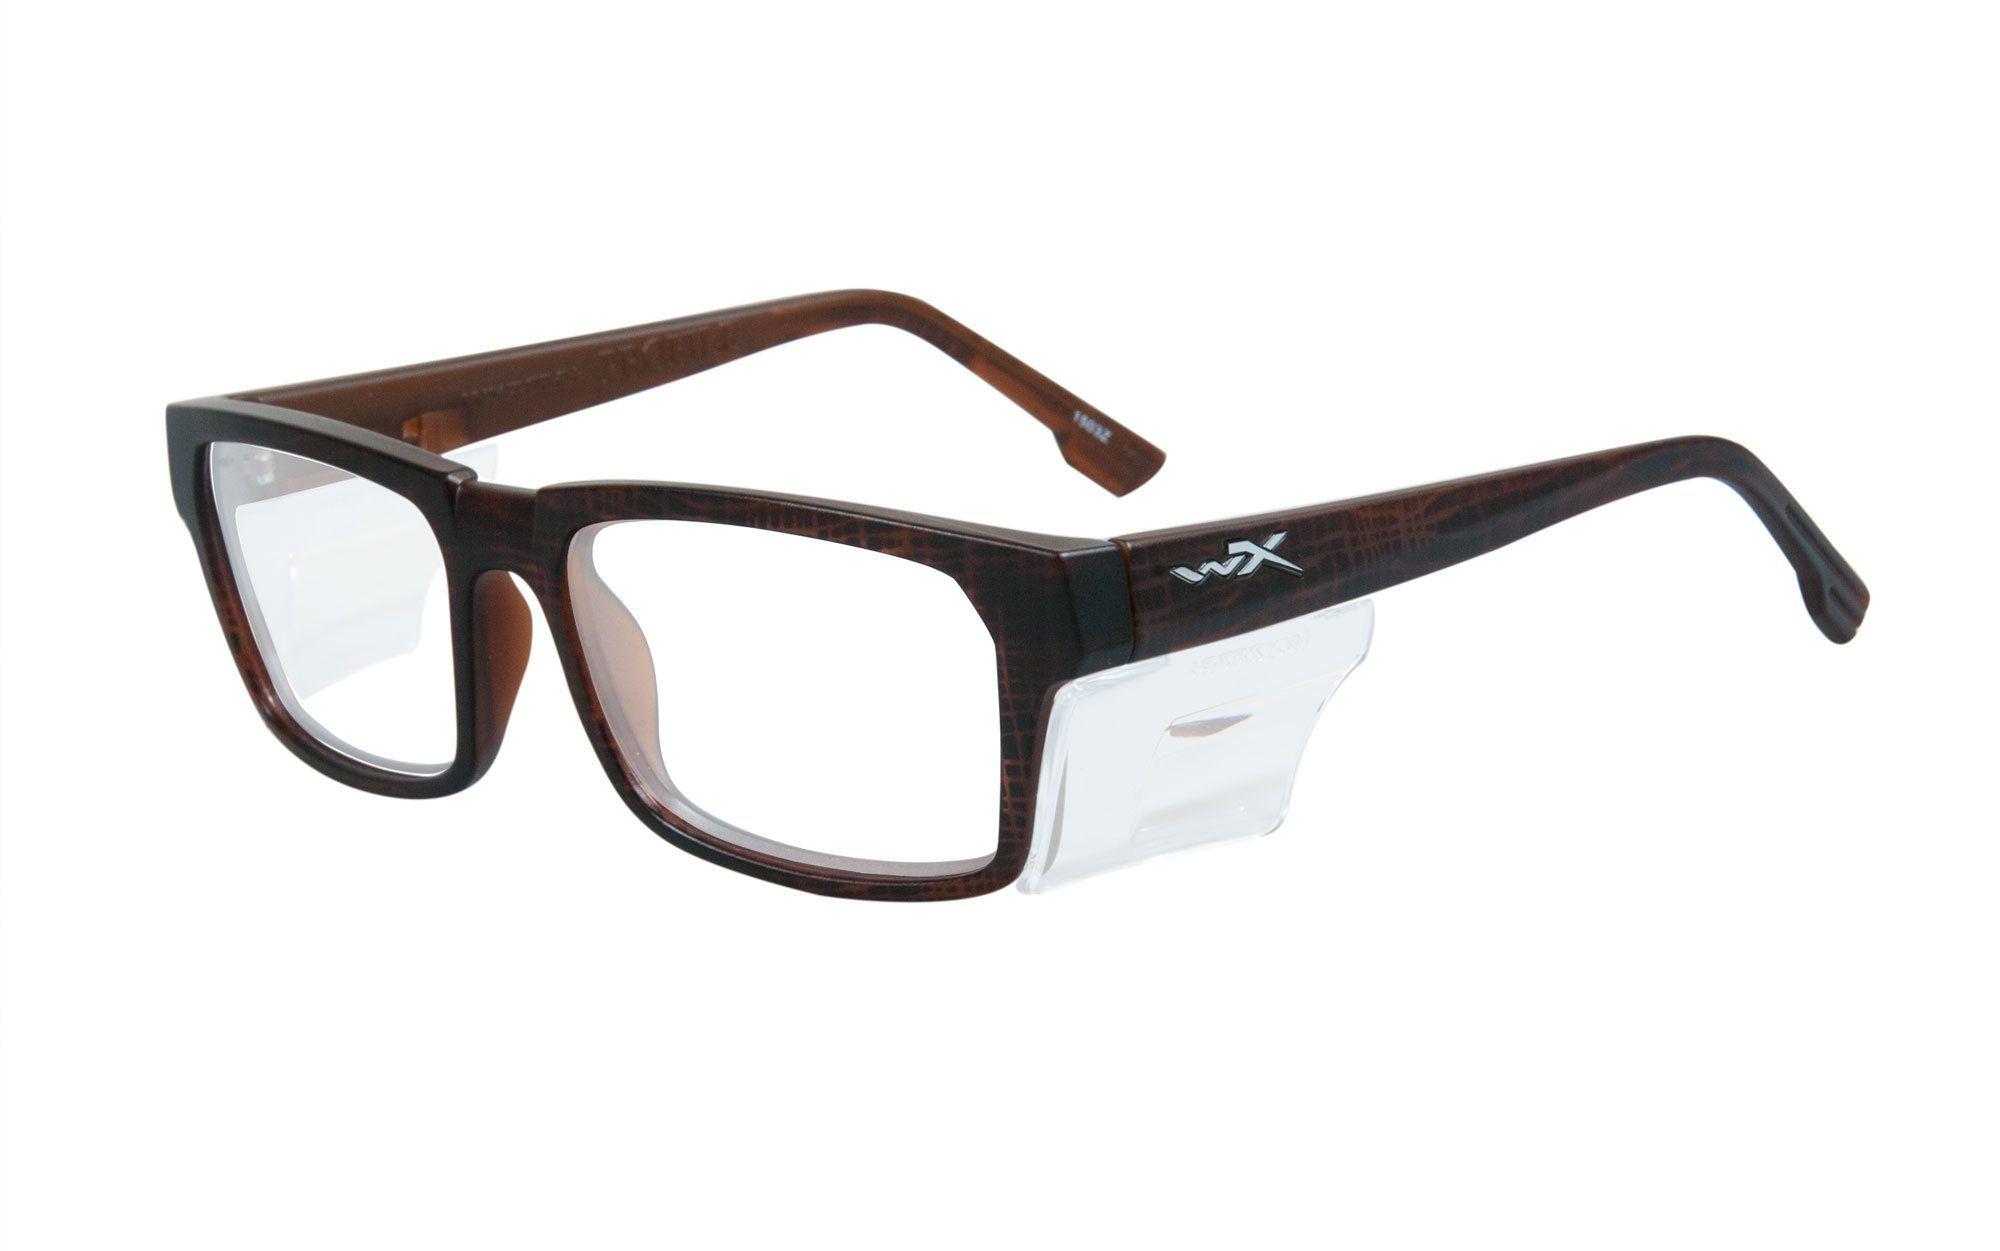 WileyX Profile in 2020 Prescription safety glasses